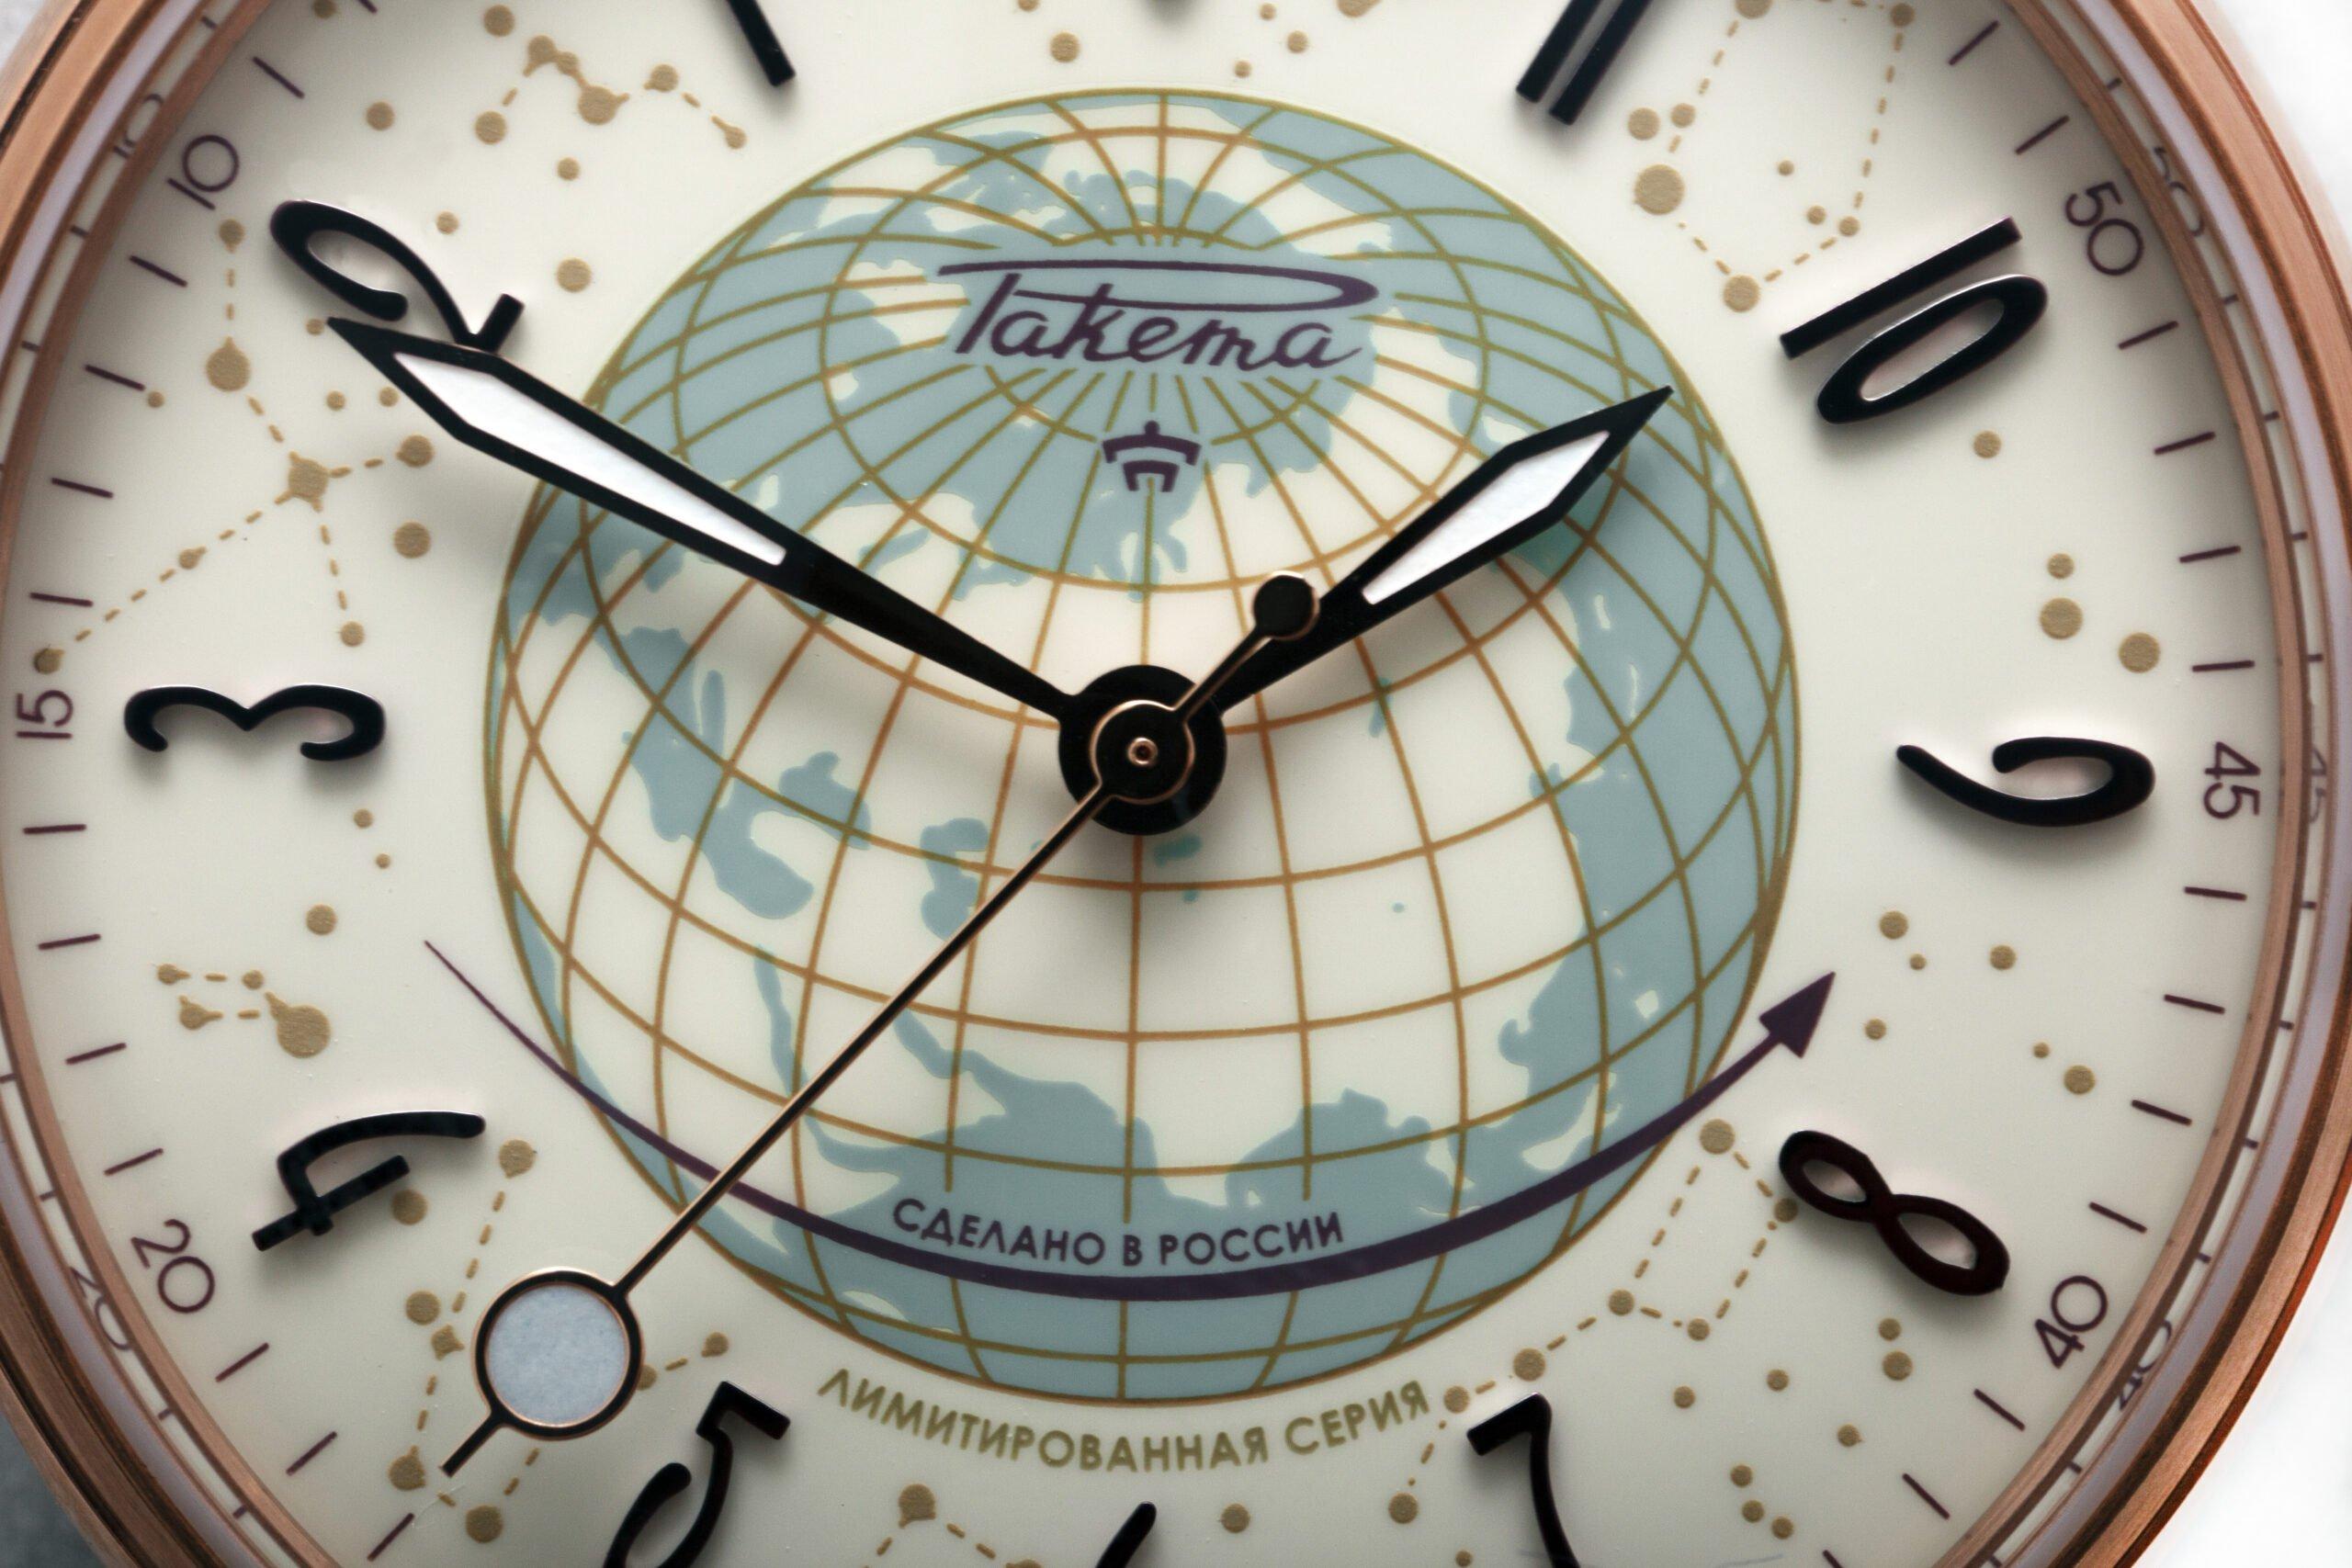 """Raketa поворачивает время вспять с помощью """"Русского кода"""""""